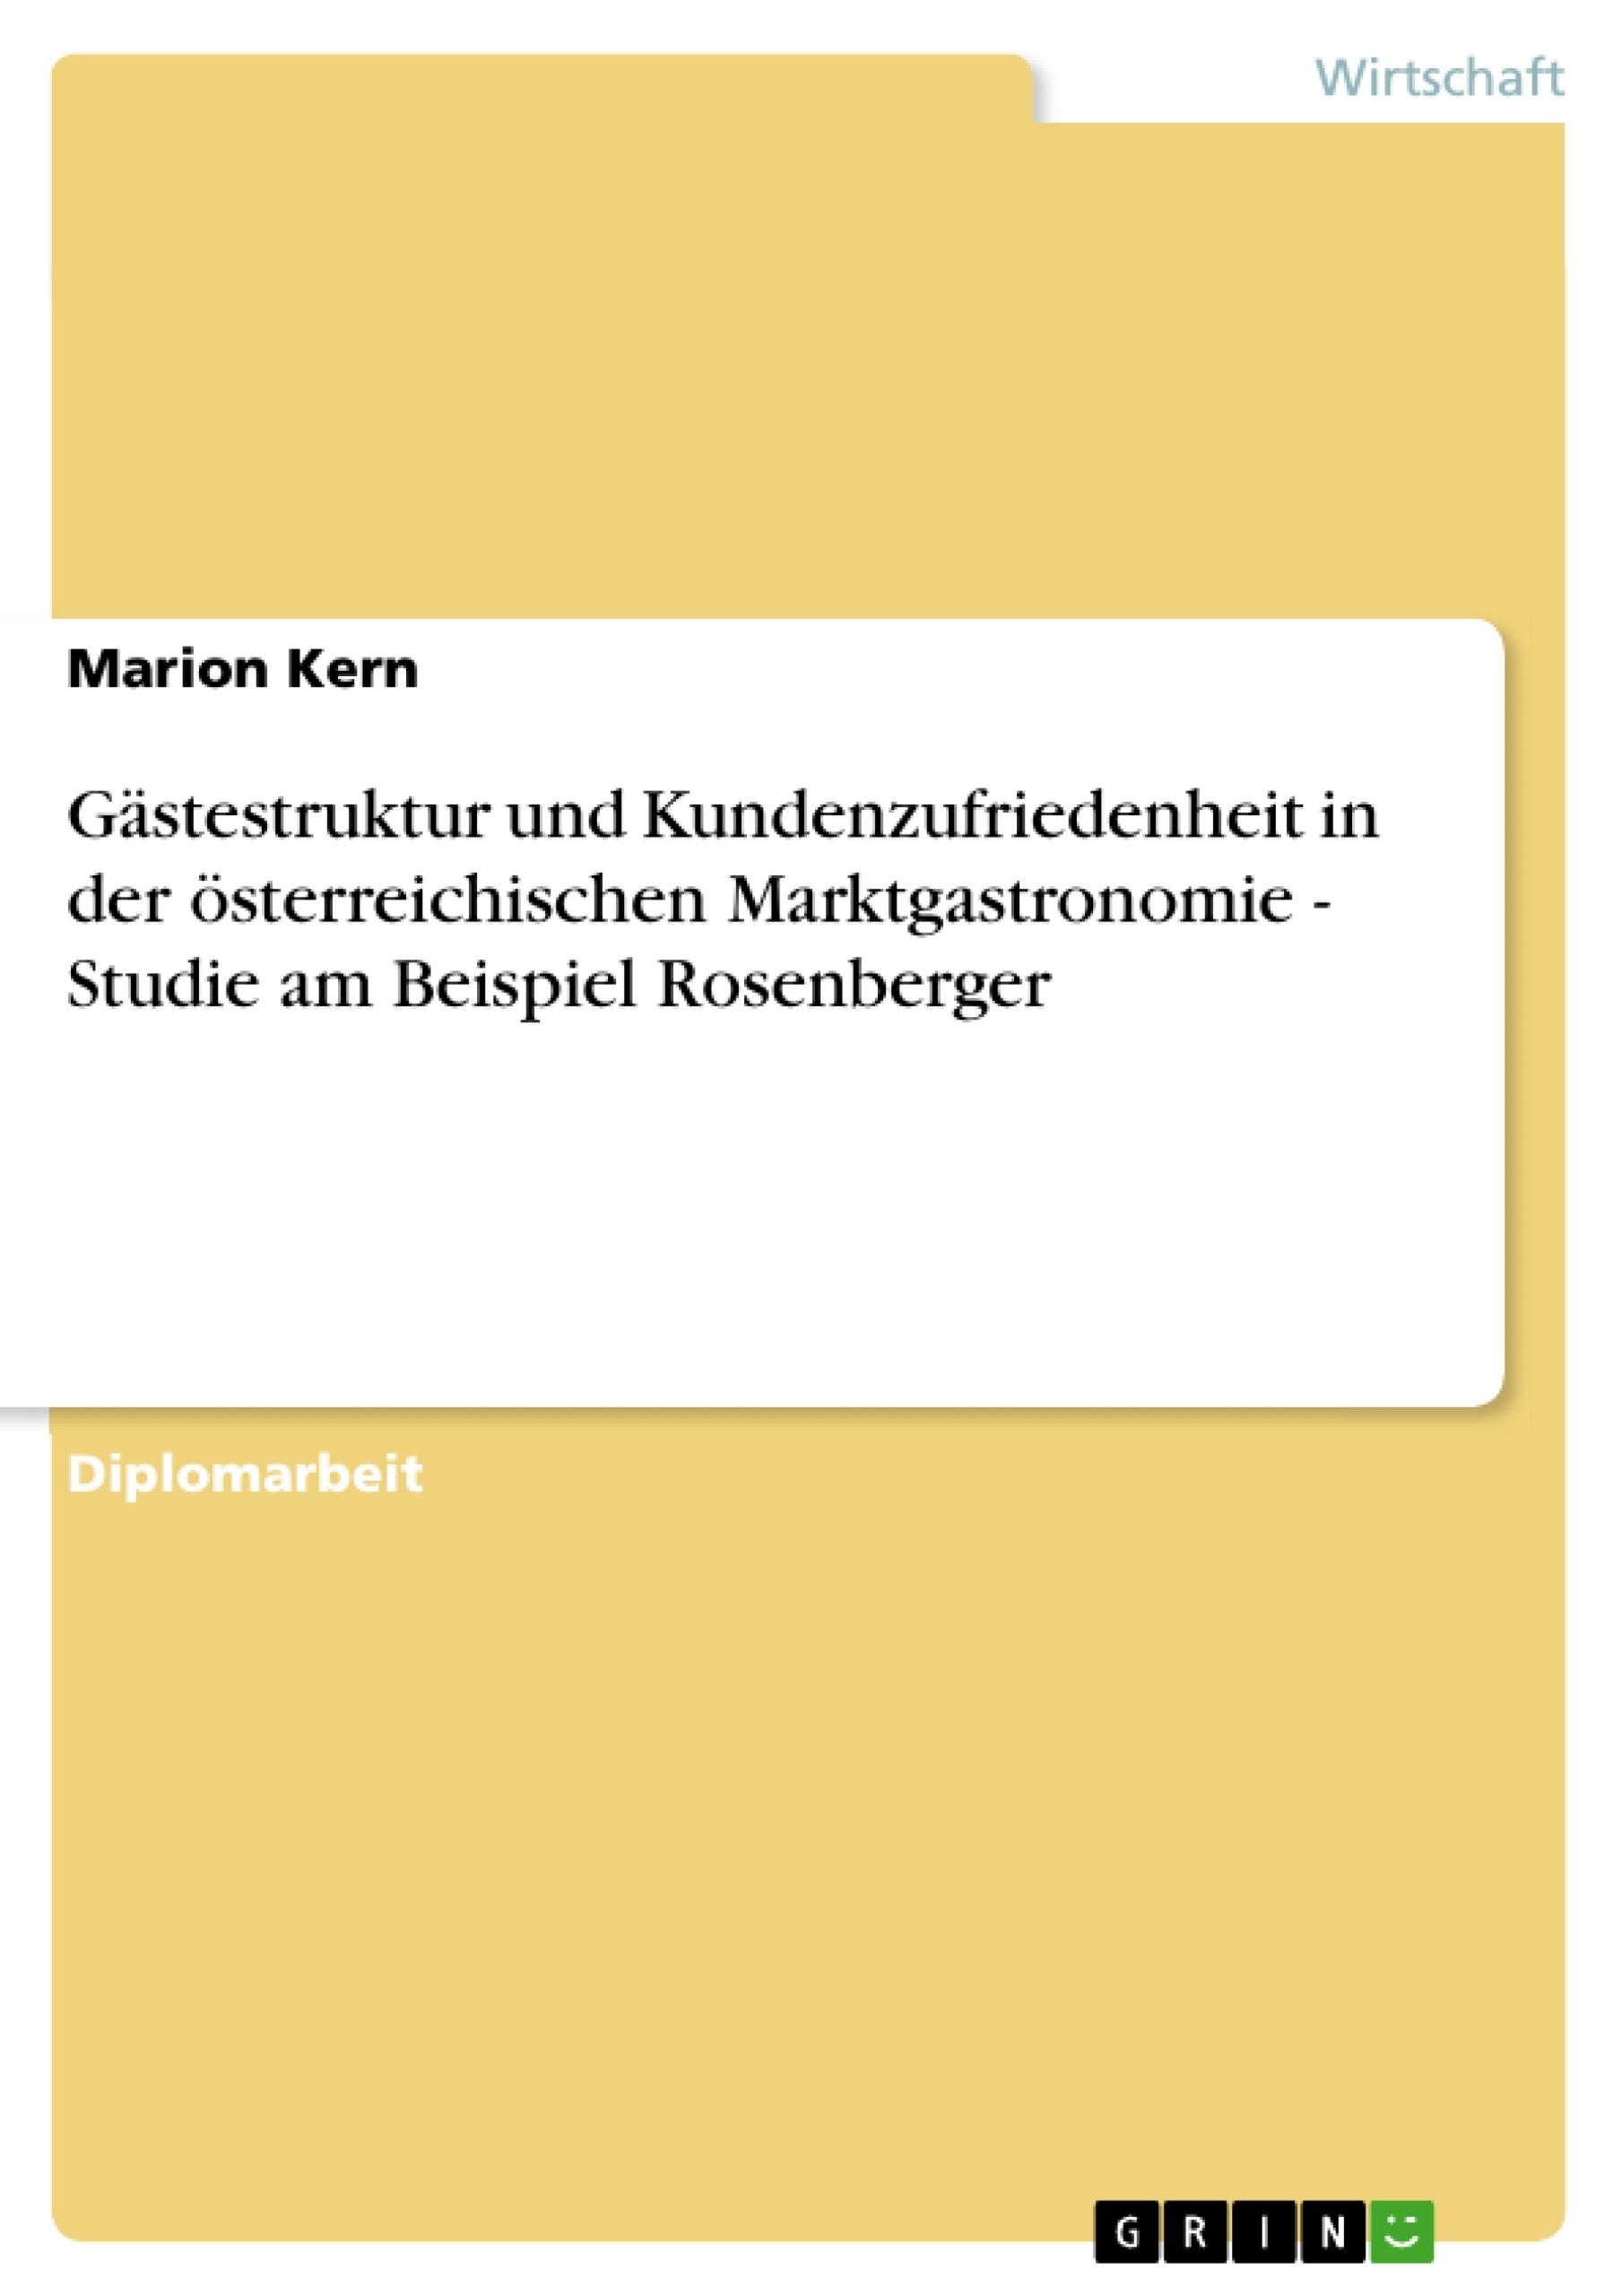 Titel: Gästestruktur und Kundenzufriedenheit in der österreichischen Marktgastronomie - Studie am Beispiel Rosenberger